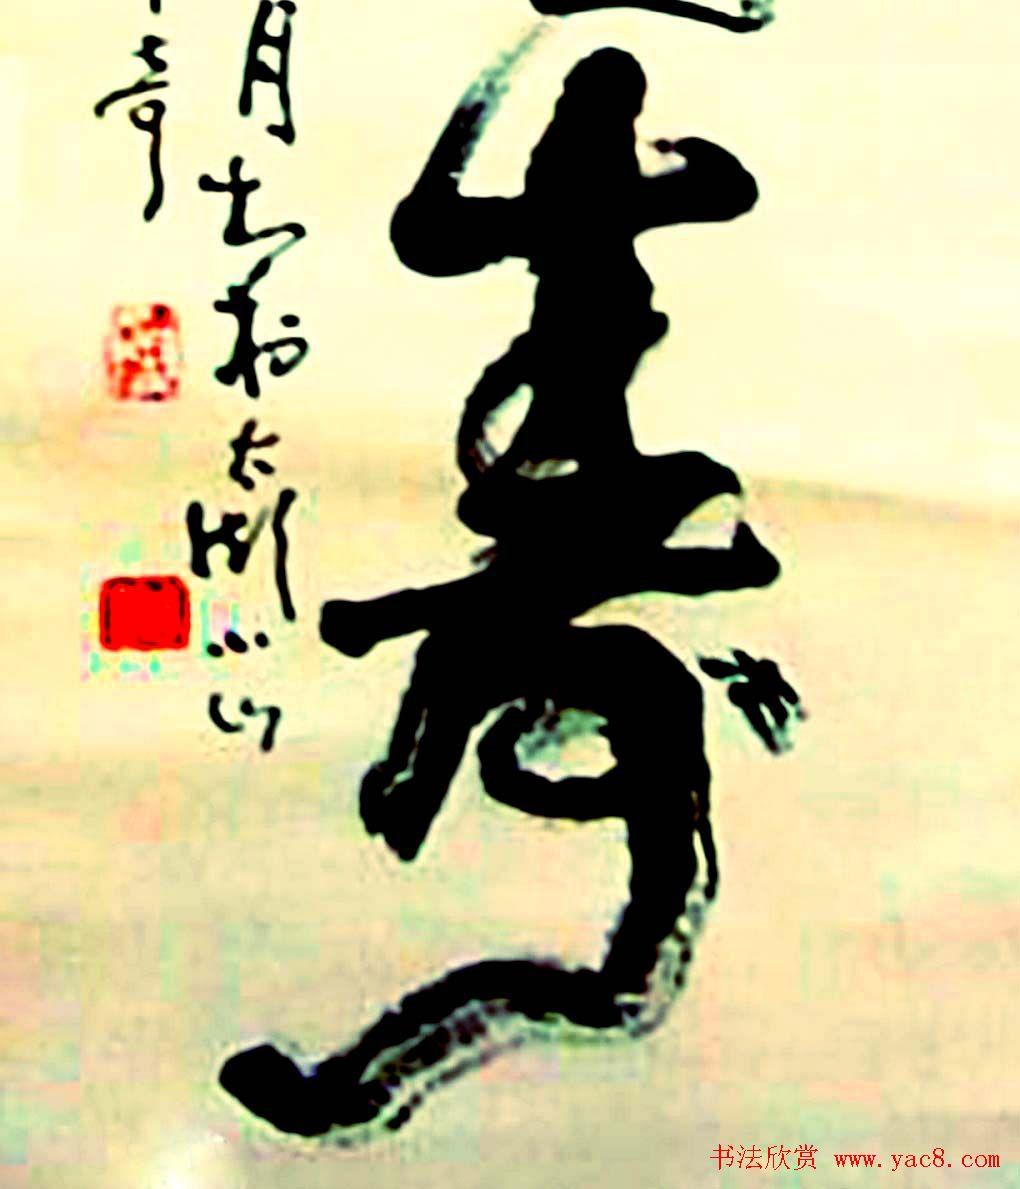 寿字书法作品欣赏武中奇书 第4页 书法专题 书法欣赏